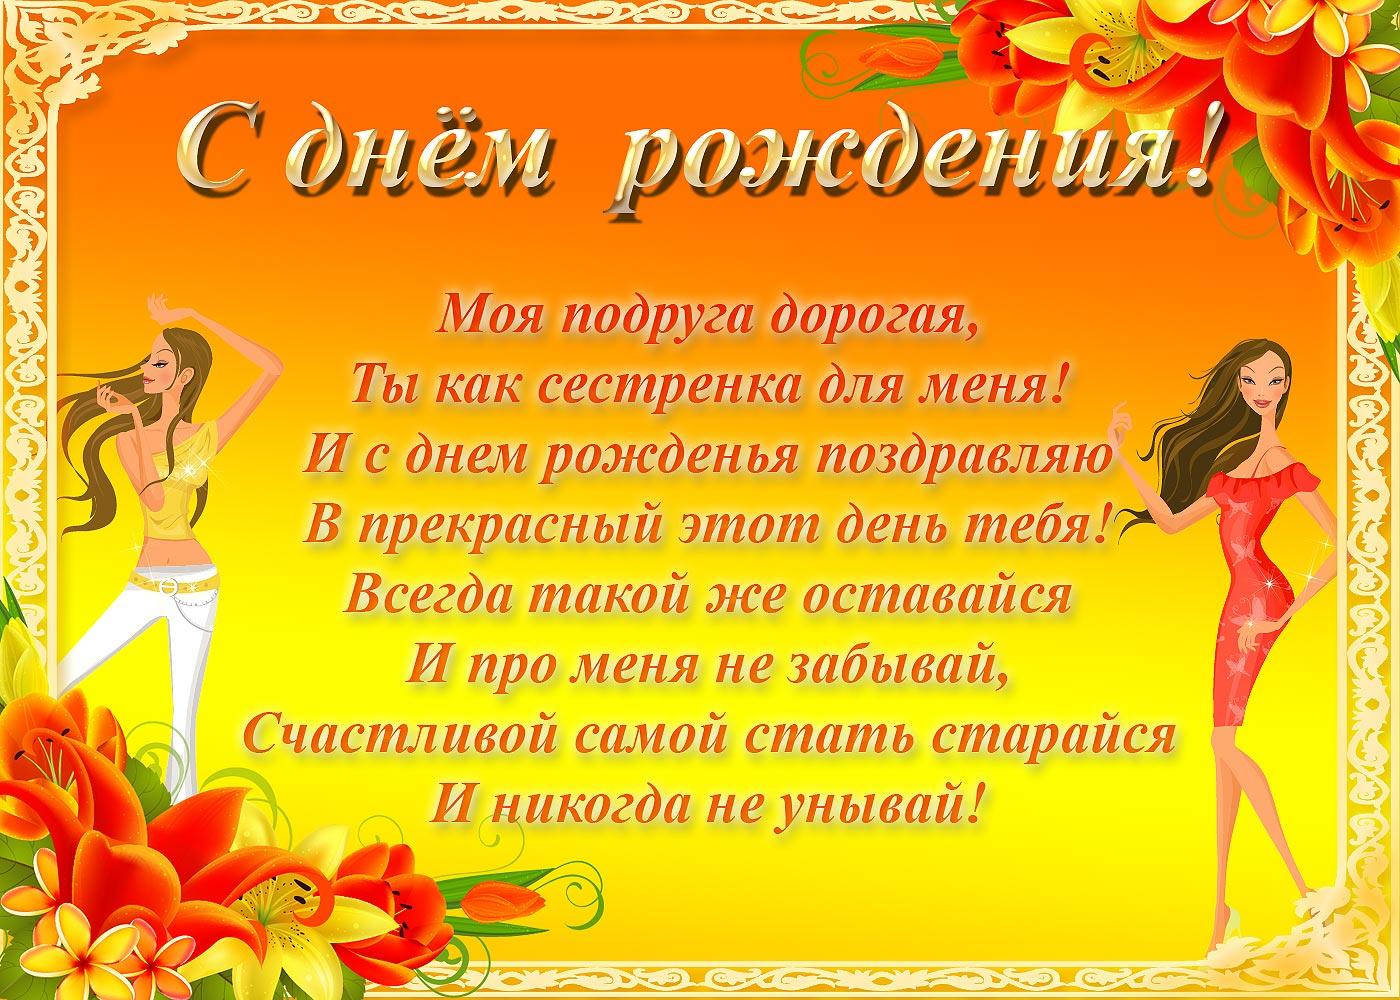 Днем, поздравление подруге картинки открытки